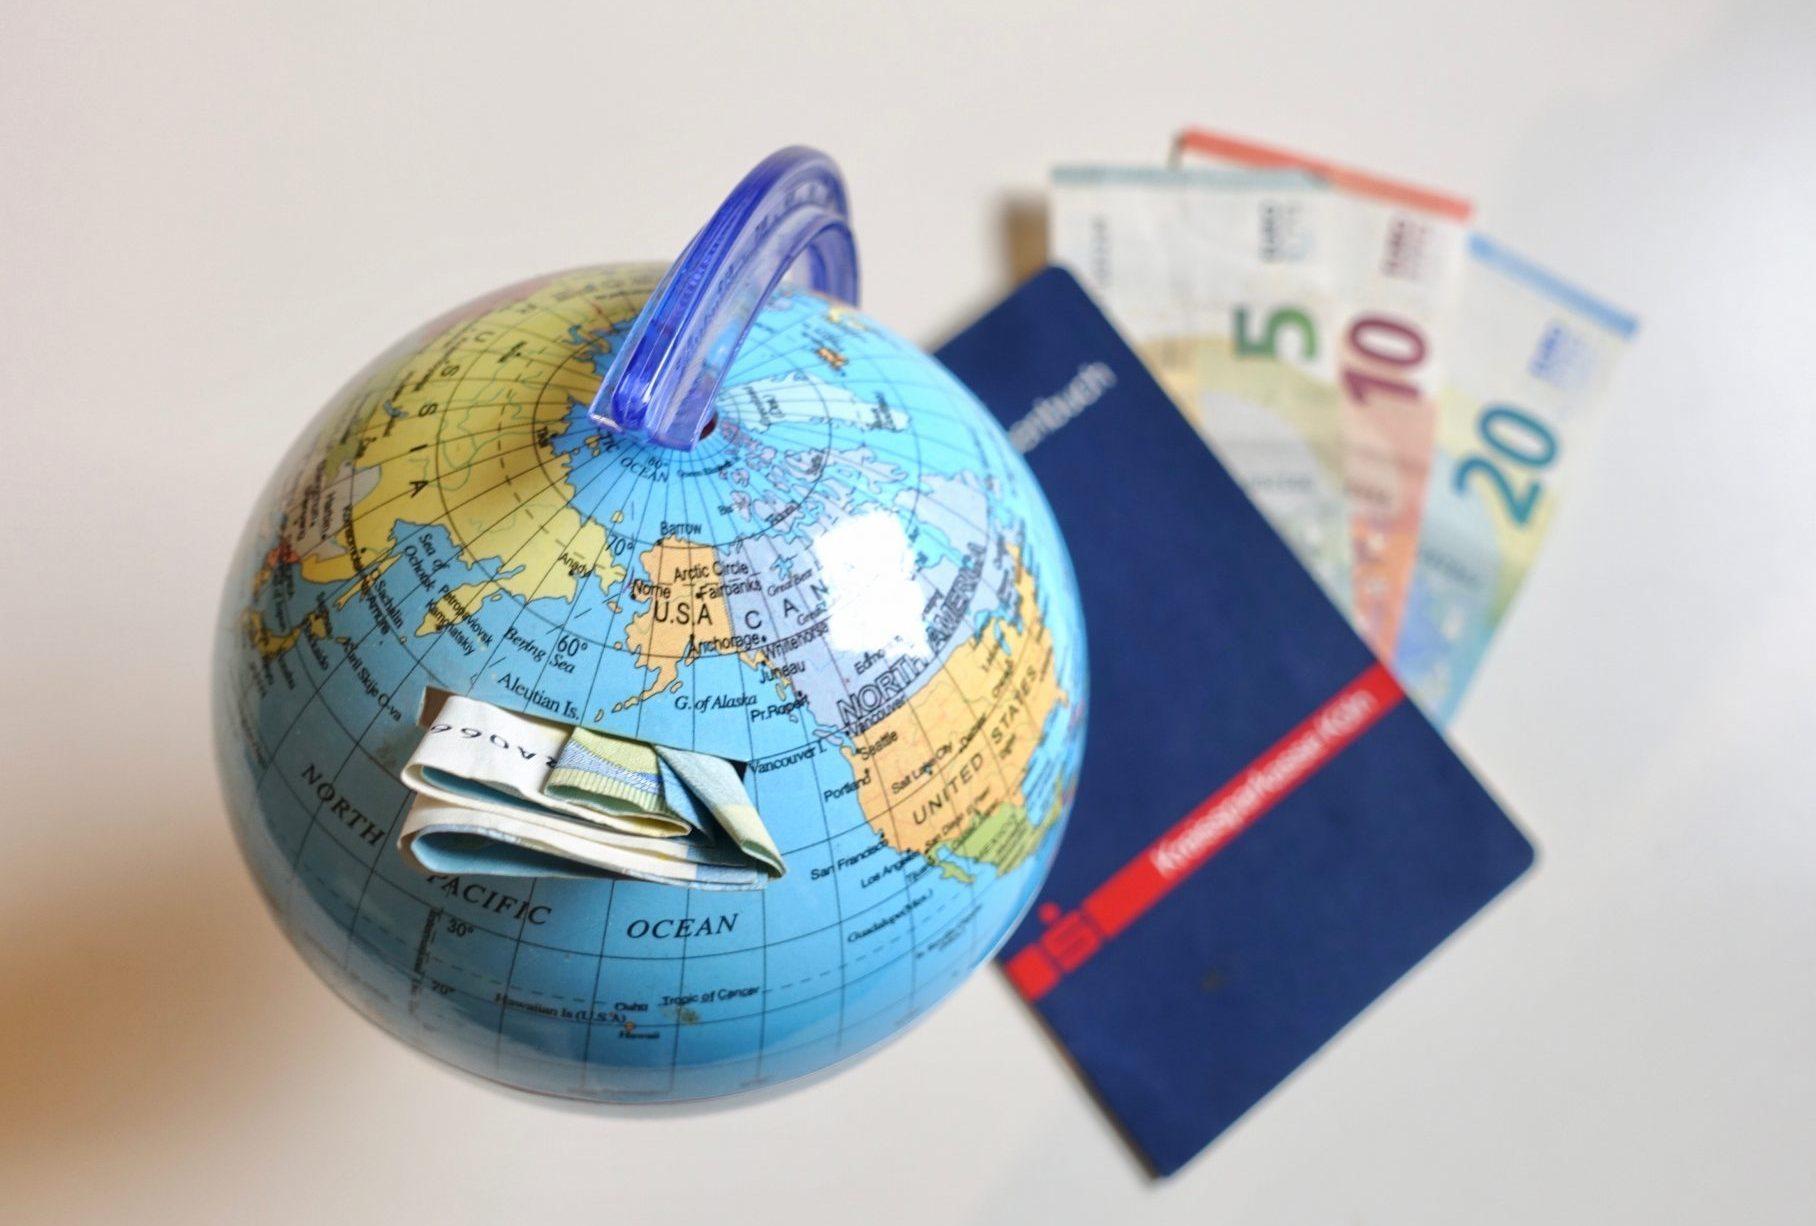 Weltreise finanzieren: Tipps wie auch du es schaffst!